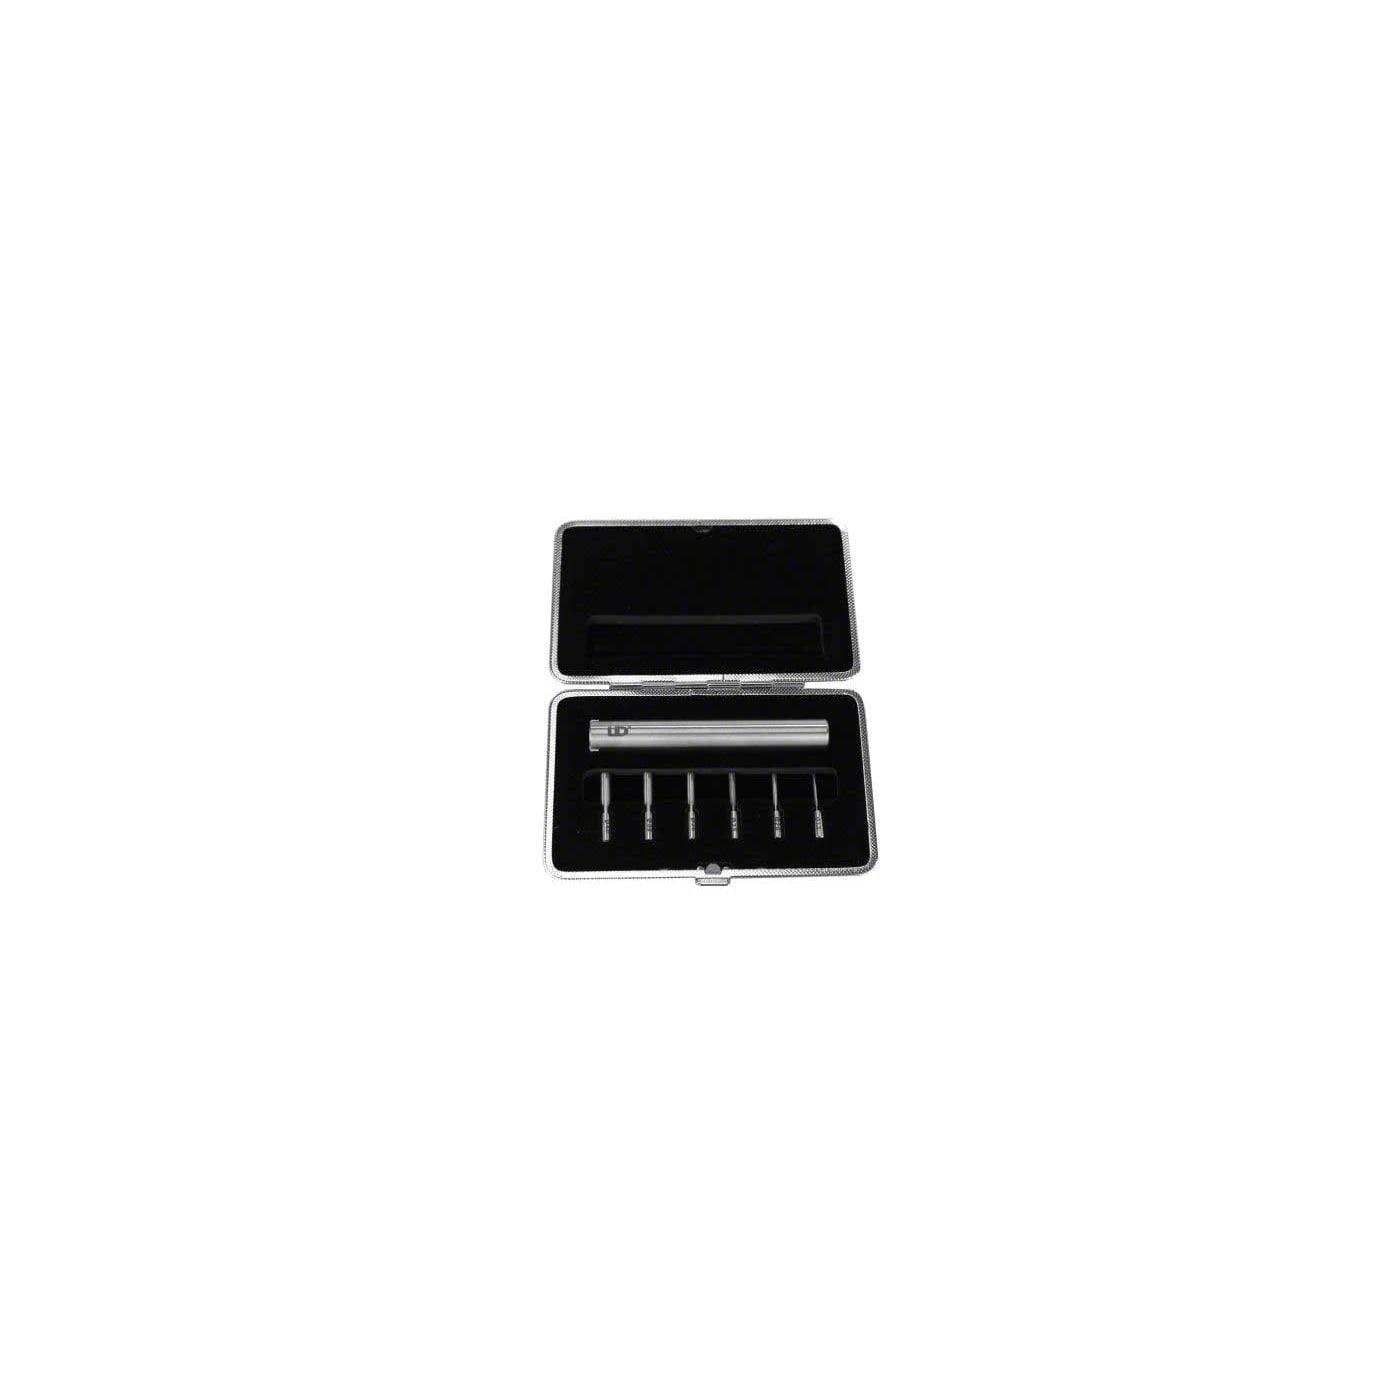 UD Coil Jig Set w/ Case Kit